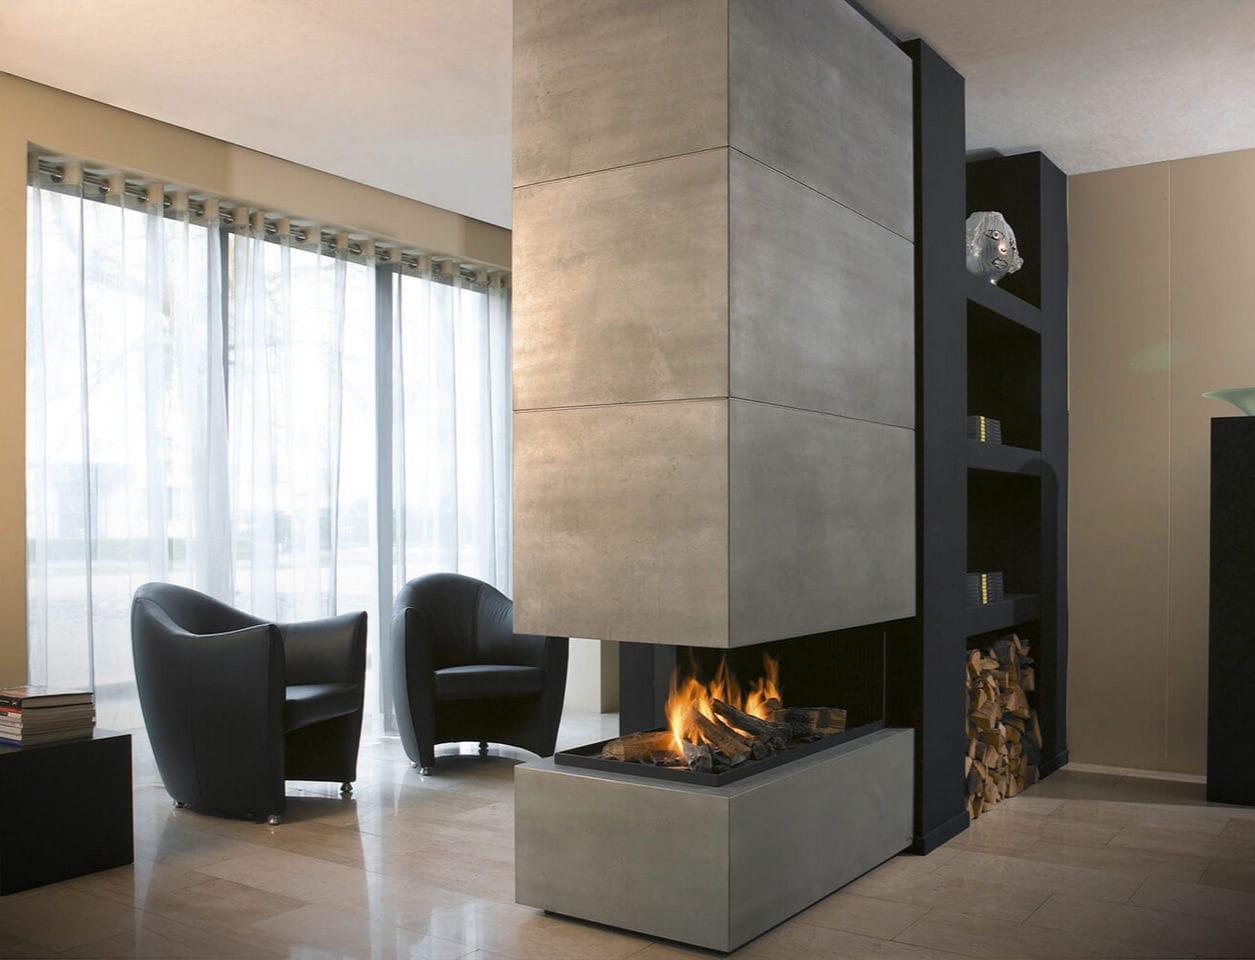 gaskamin bioethanol holz modern 870 modus fireplaces - Modern Rustikale Wohnzimmer Mit Kamin